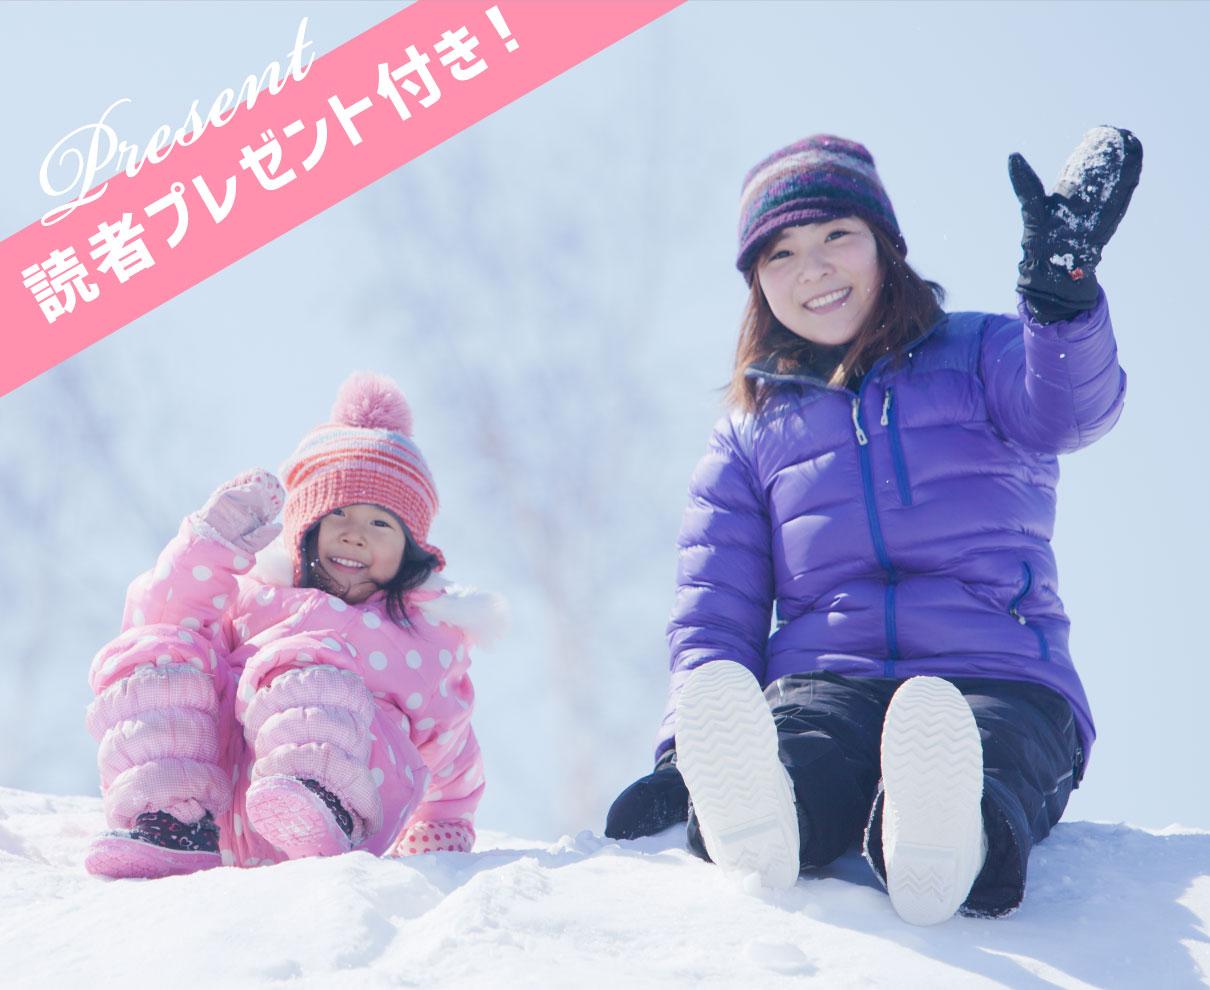 【プレゼントあり】親子で遊ぶ楽しめる! 冬のおでかけスポット|子育て情報